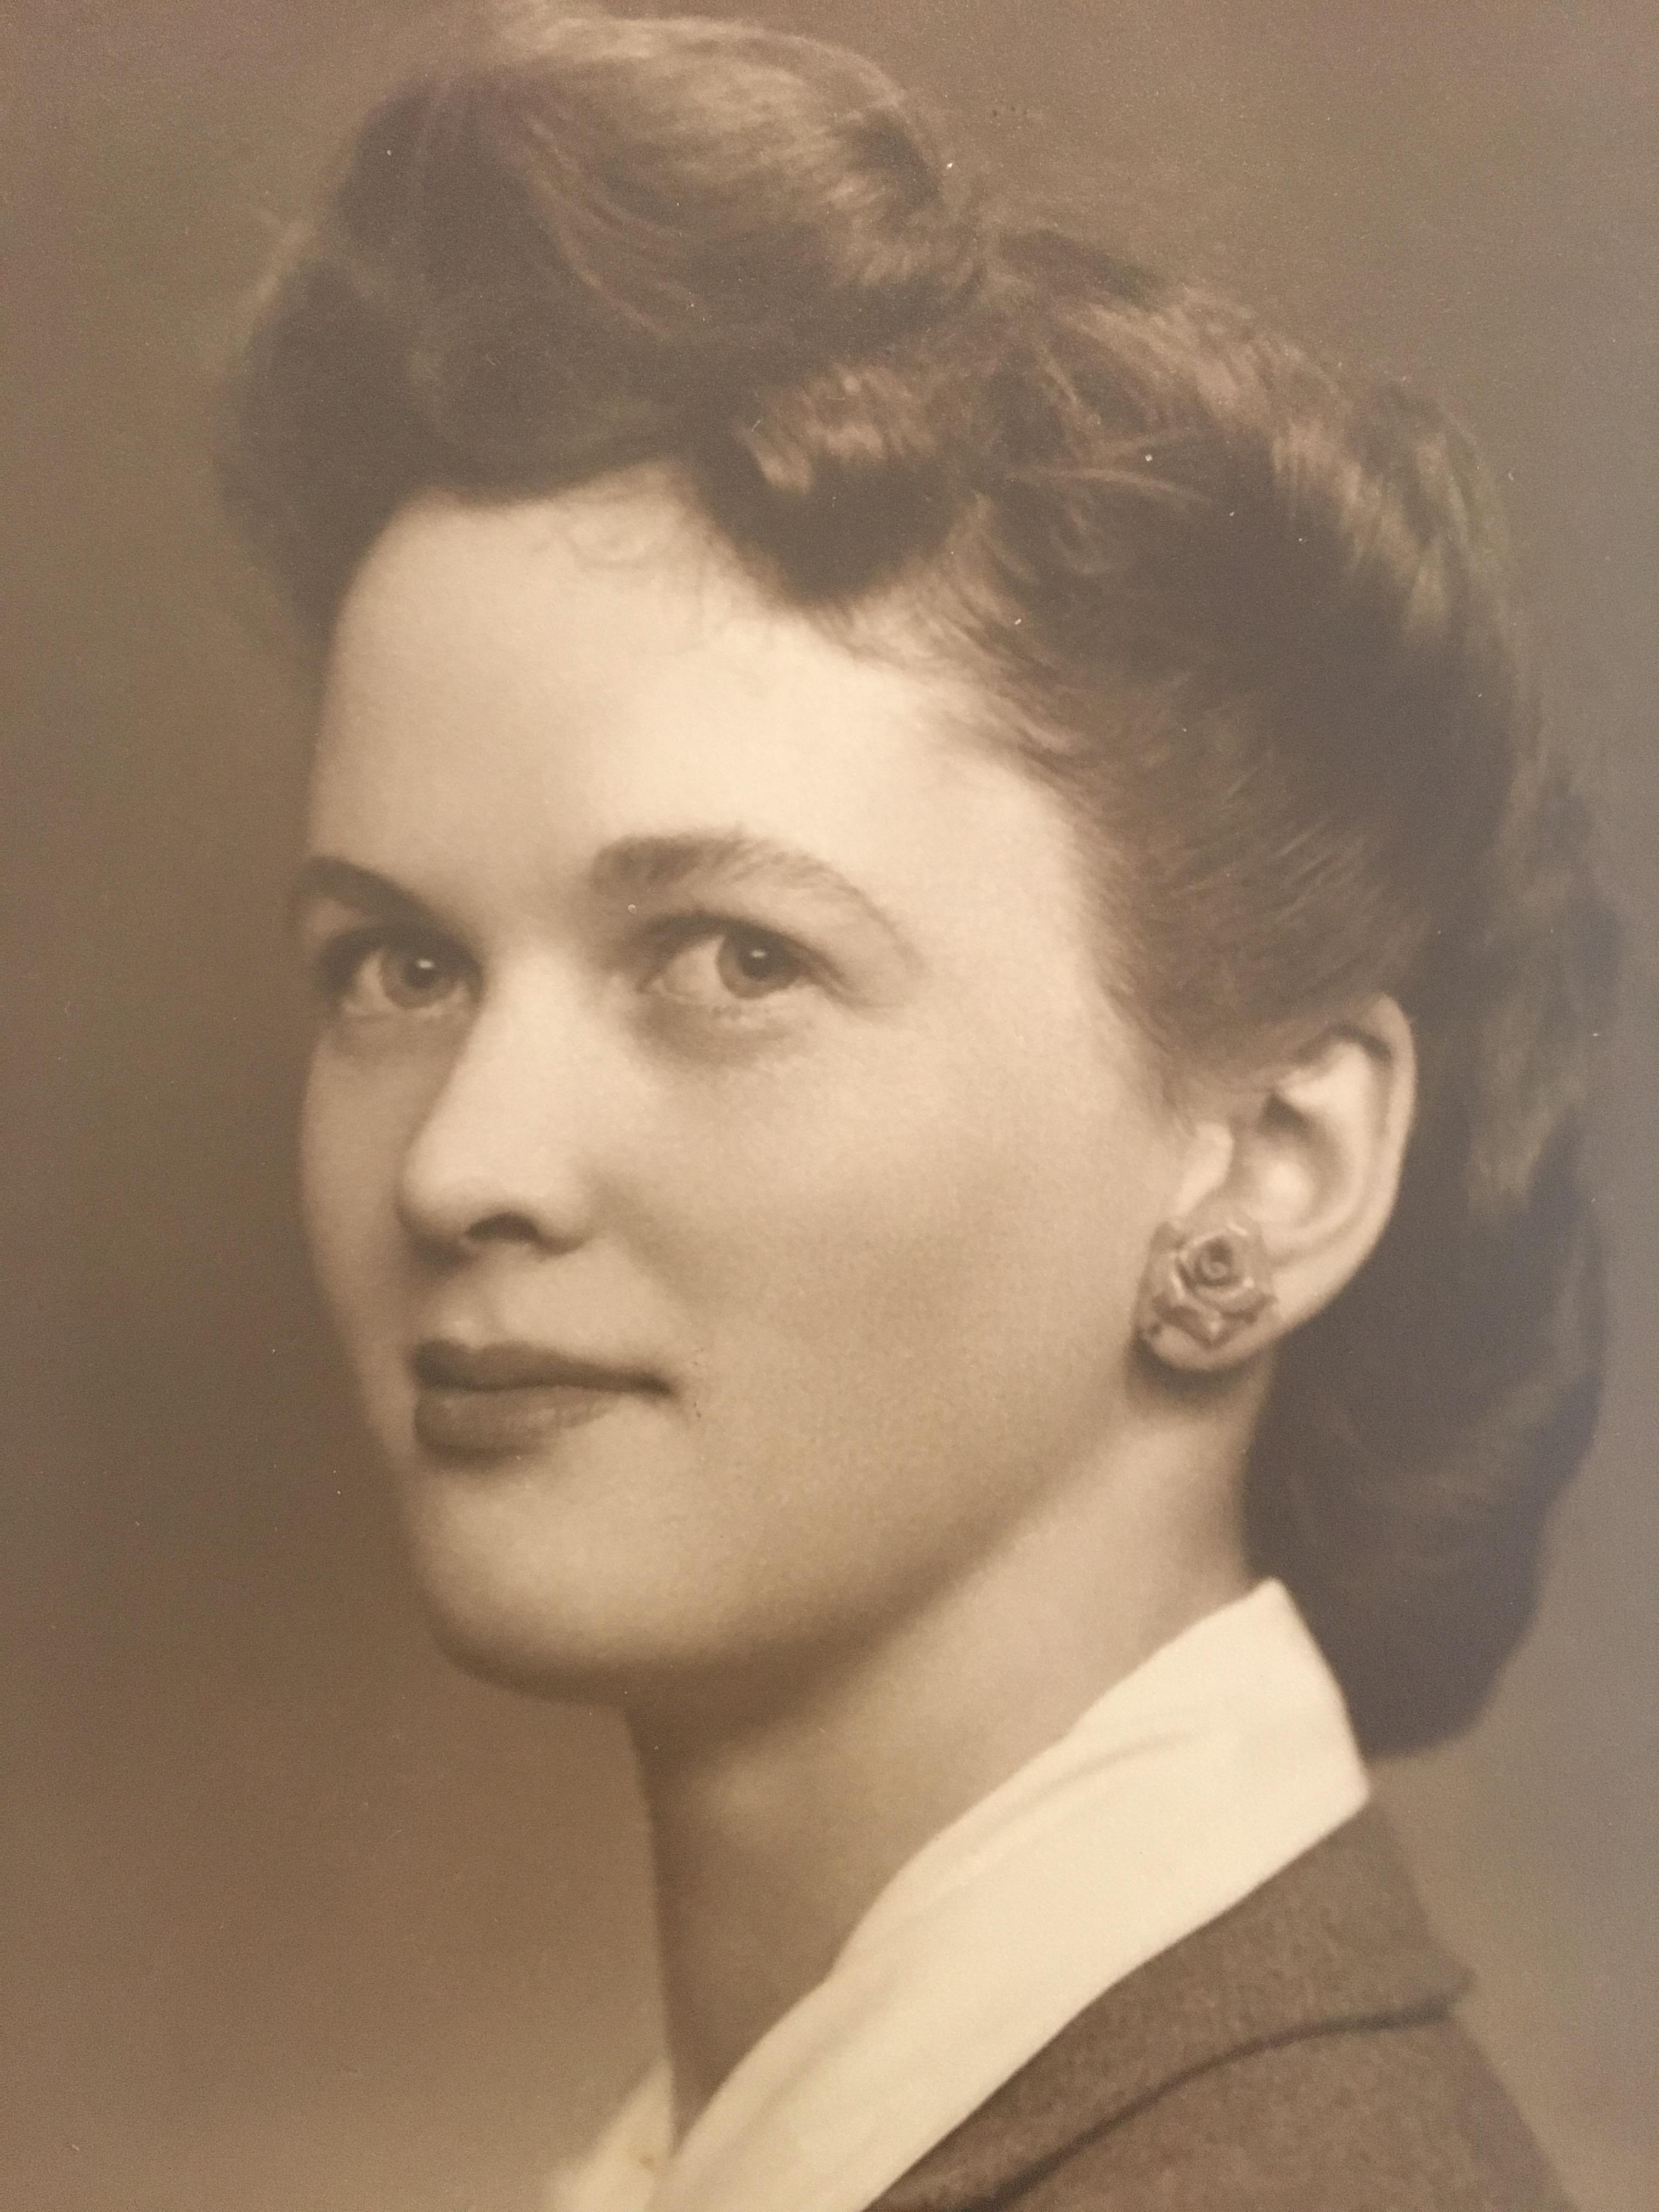 Mum at 16